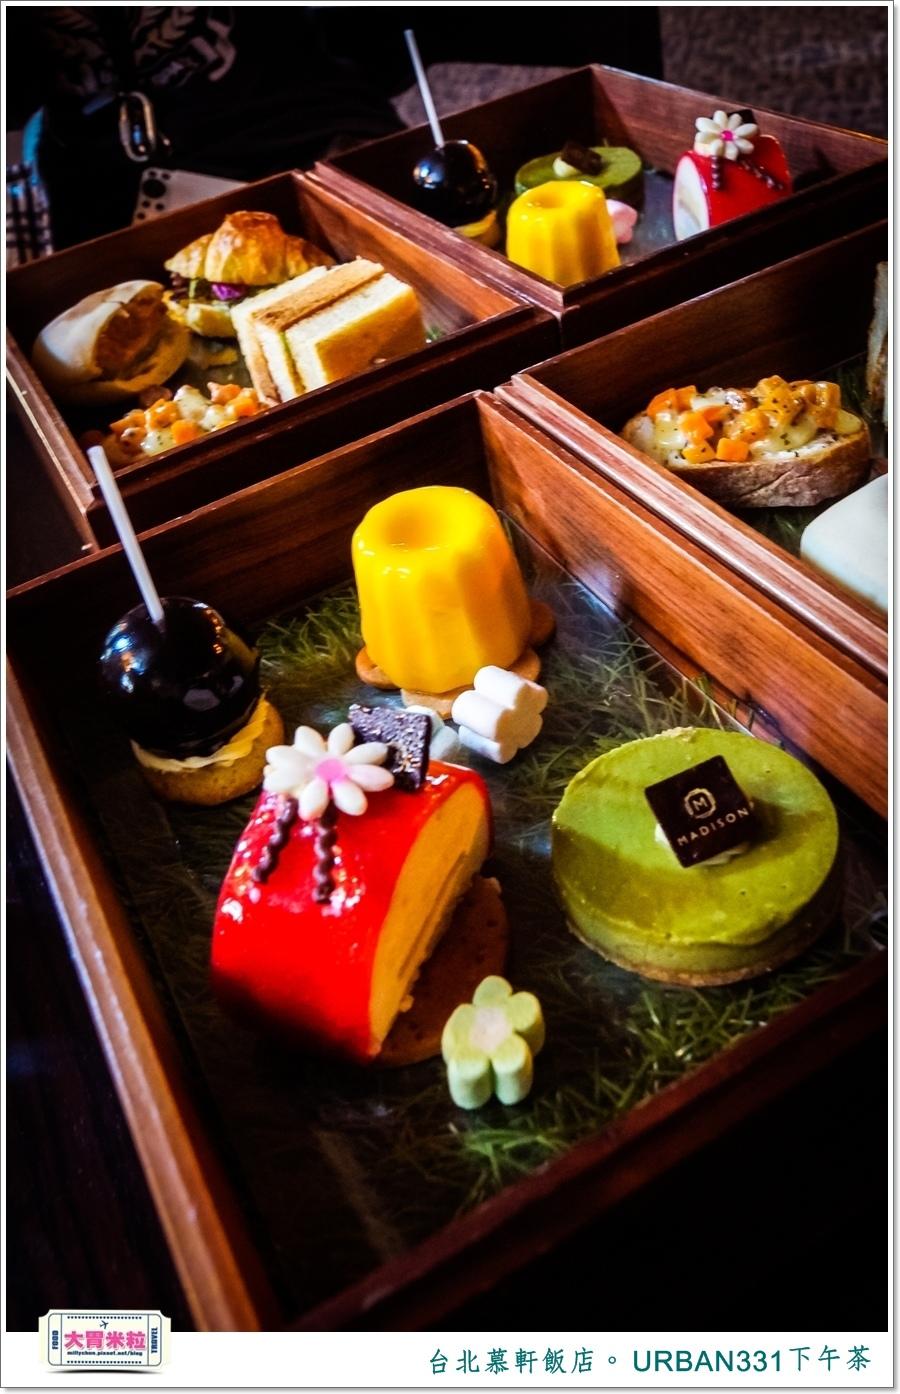 台北慕軒飯店 URBAN331雙層木盒下午茶@大胃米粒0034.jpg